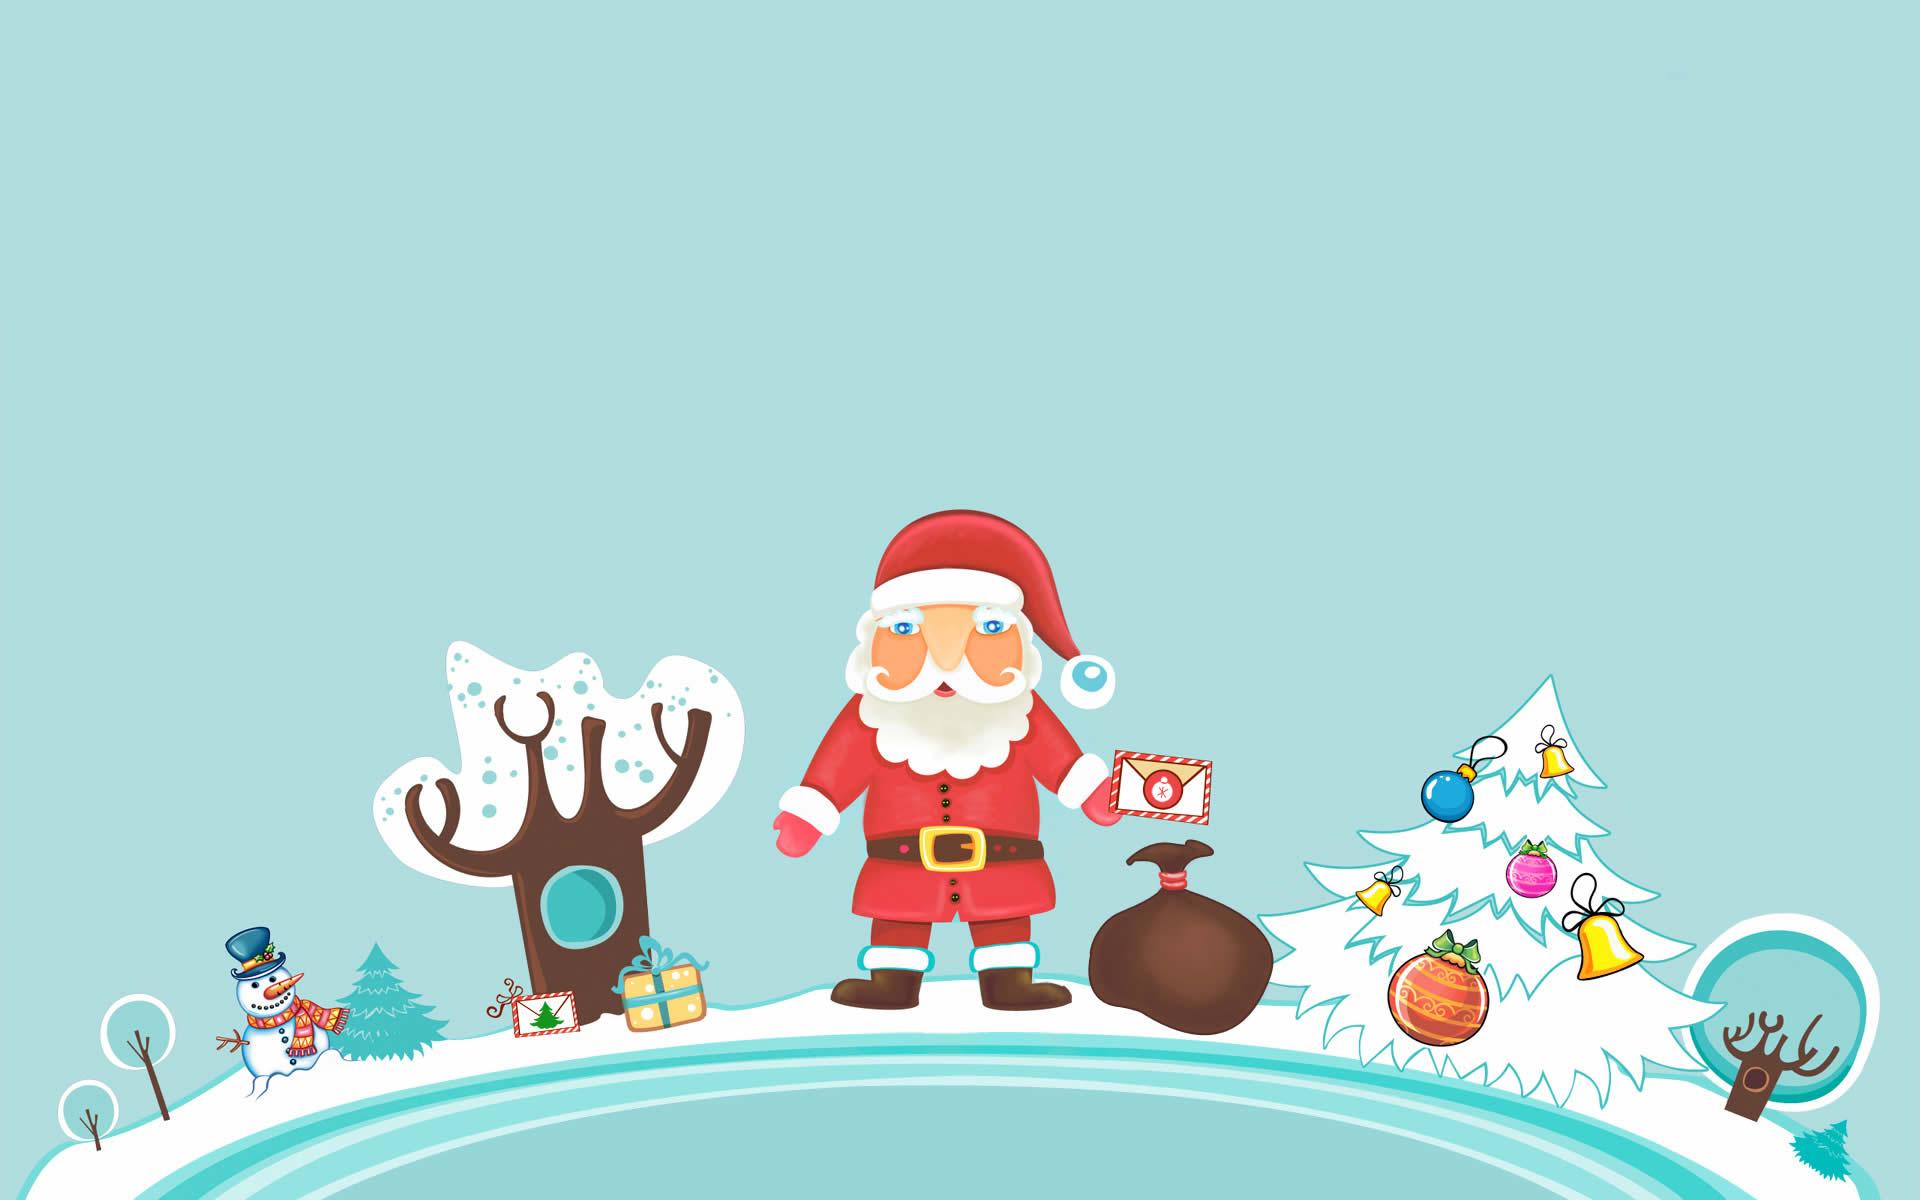 Sfondo Natalizio - Immagini desktop natalizie